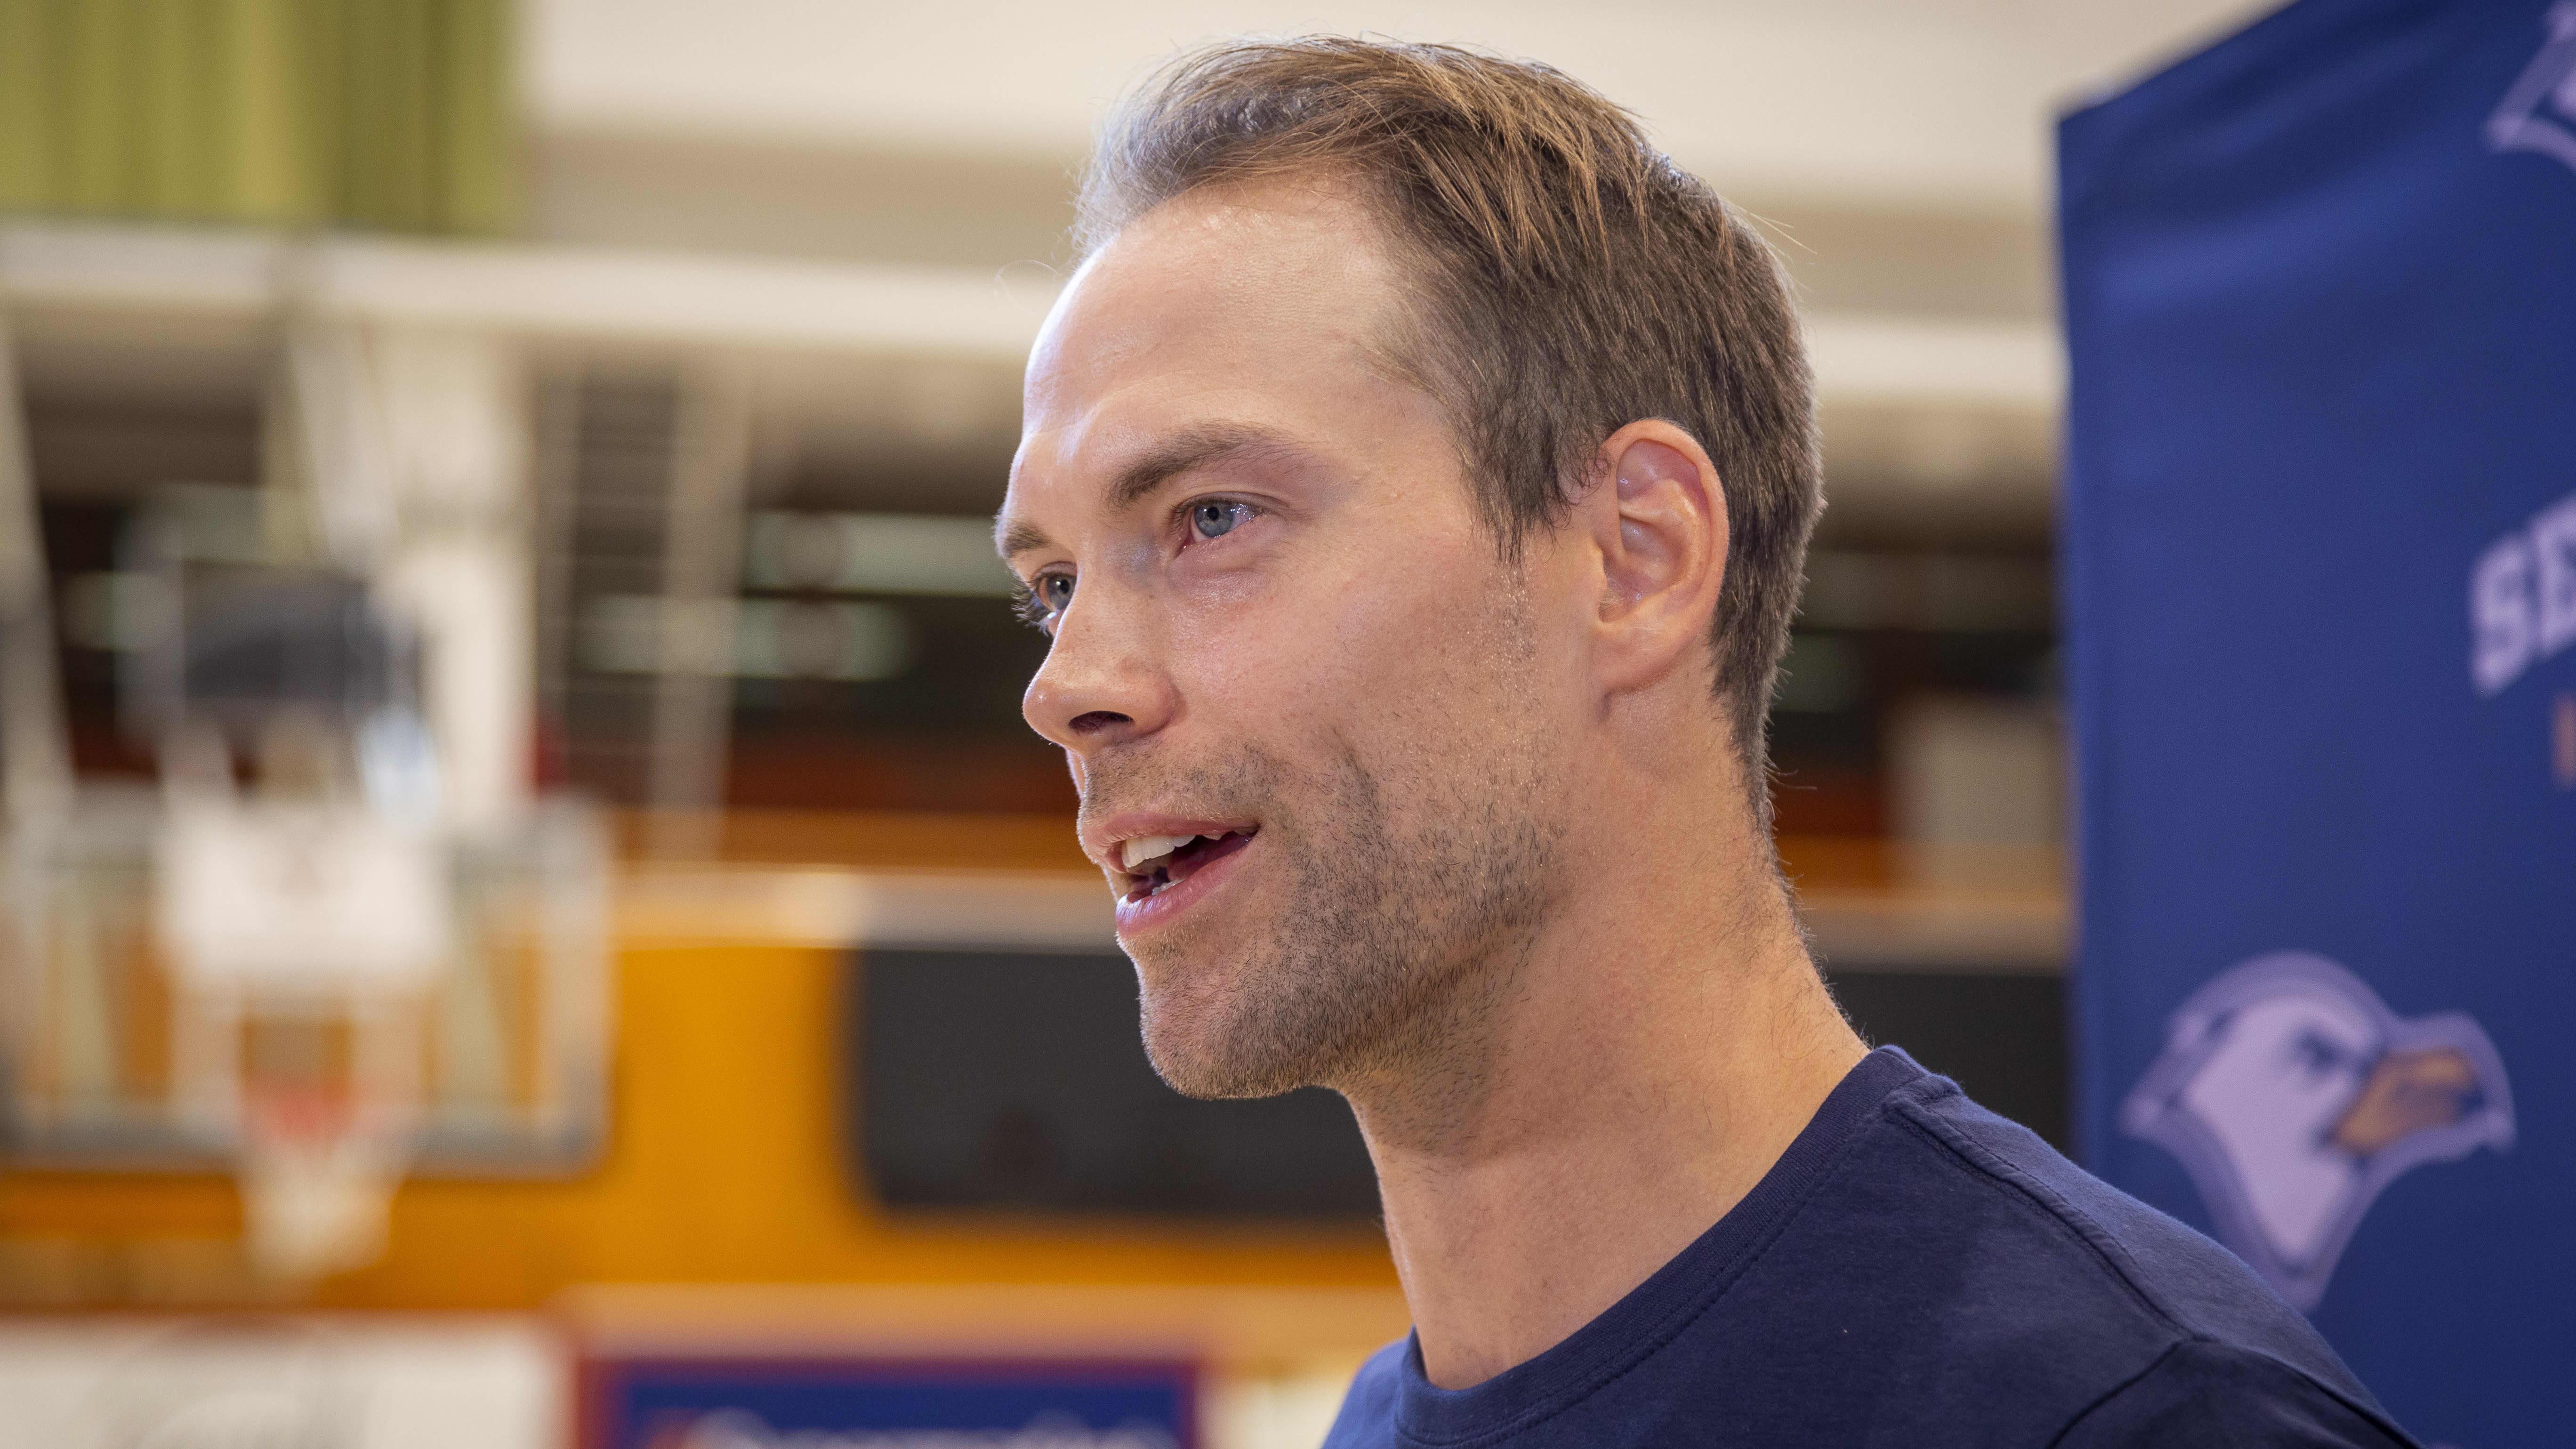 Koripalloilija Petteri Koponen puolilähikuvassa, katsoo kameran ohi vasemmalle.